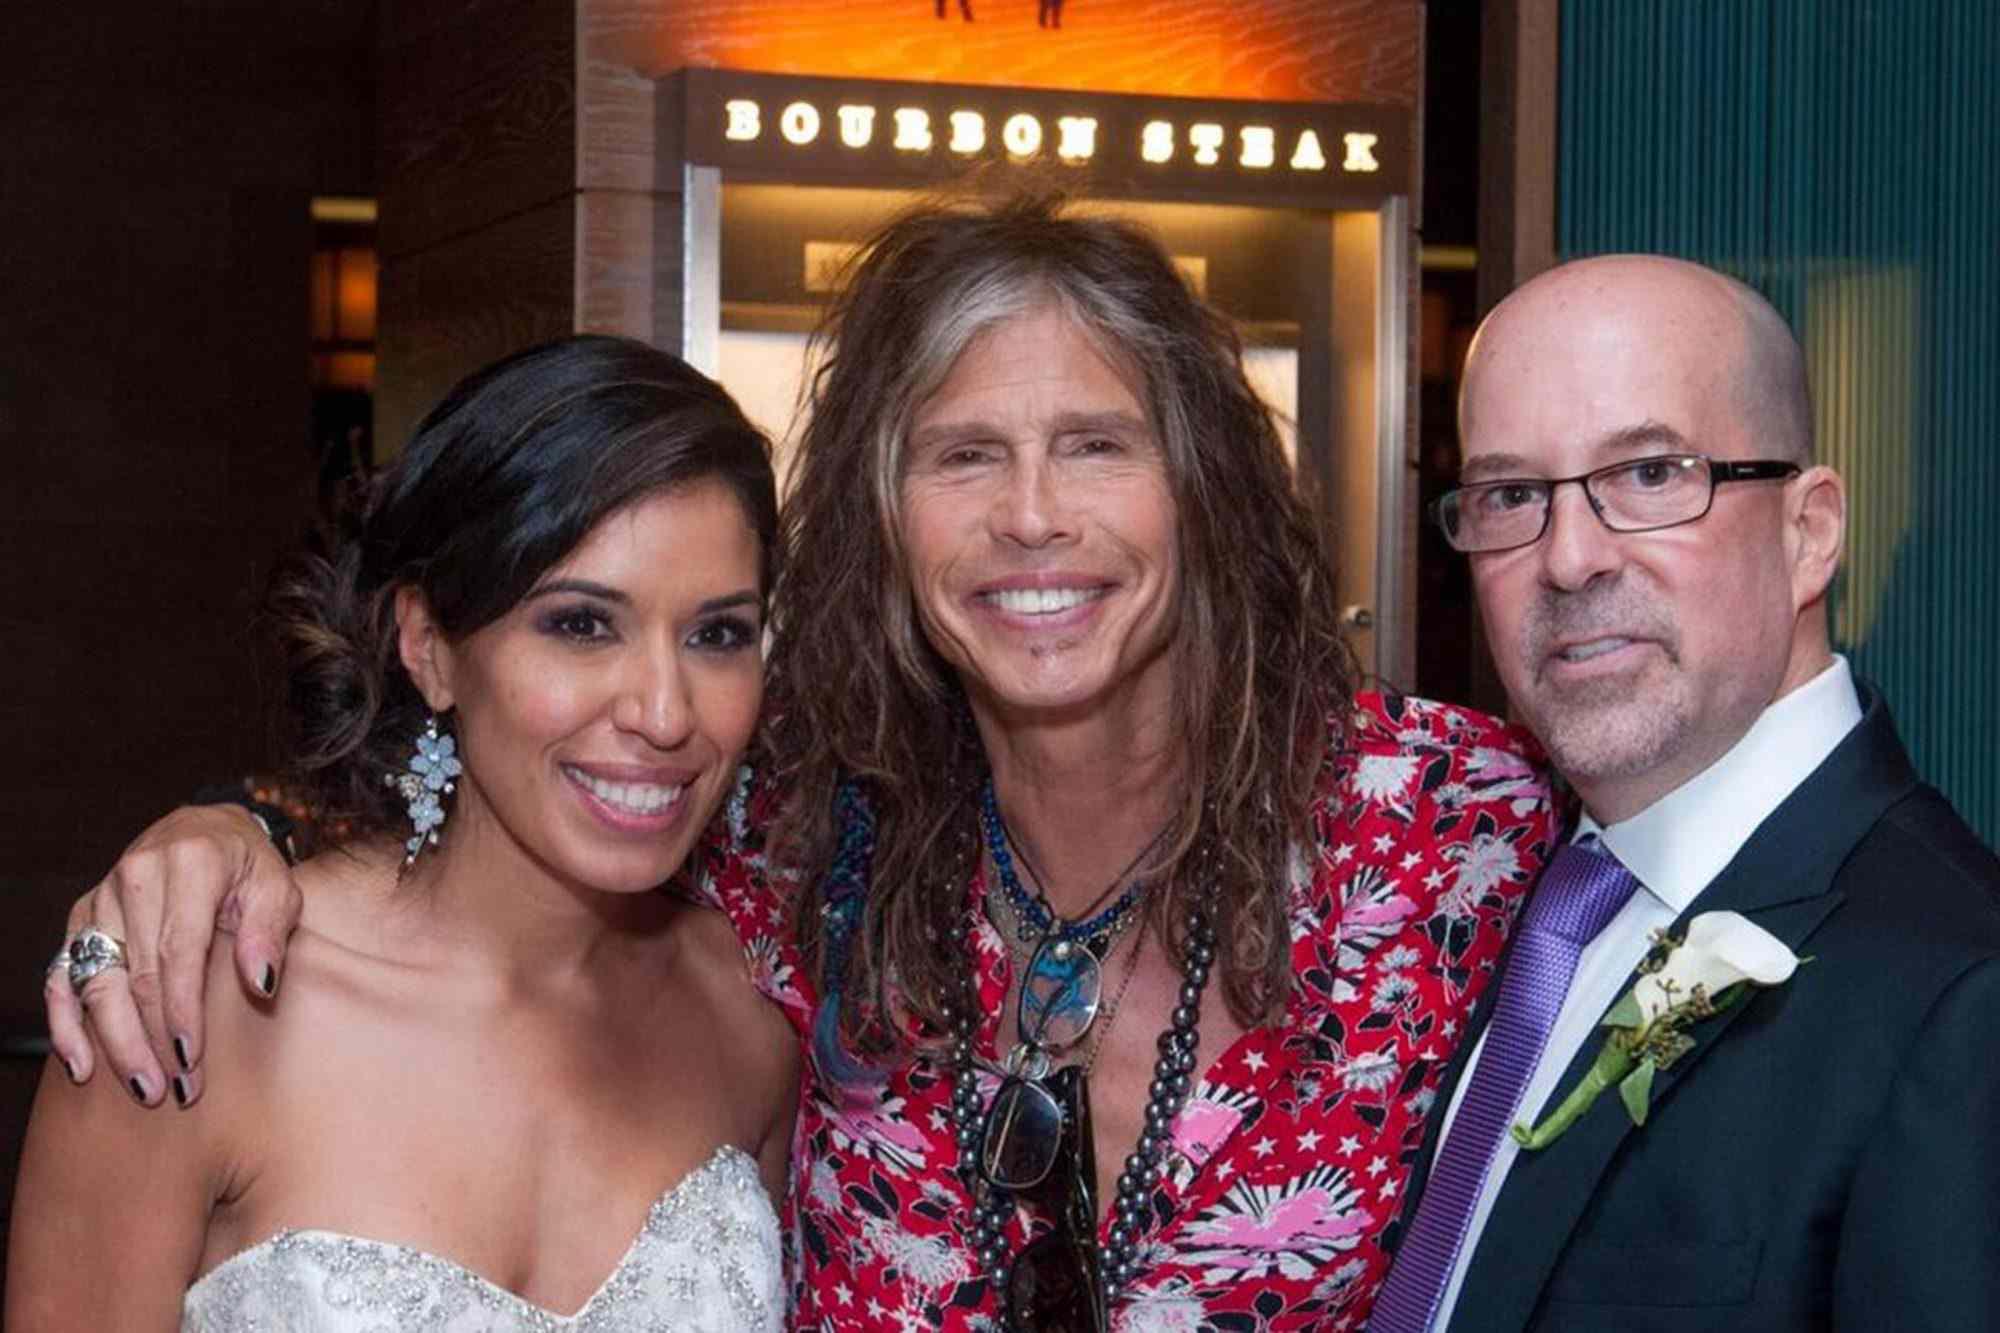 Steven Tyler crashes wedding photos